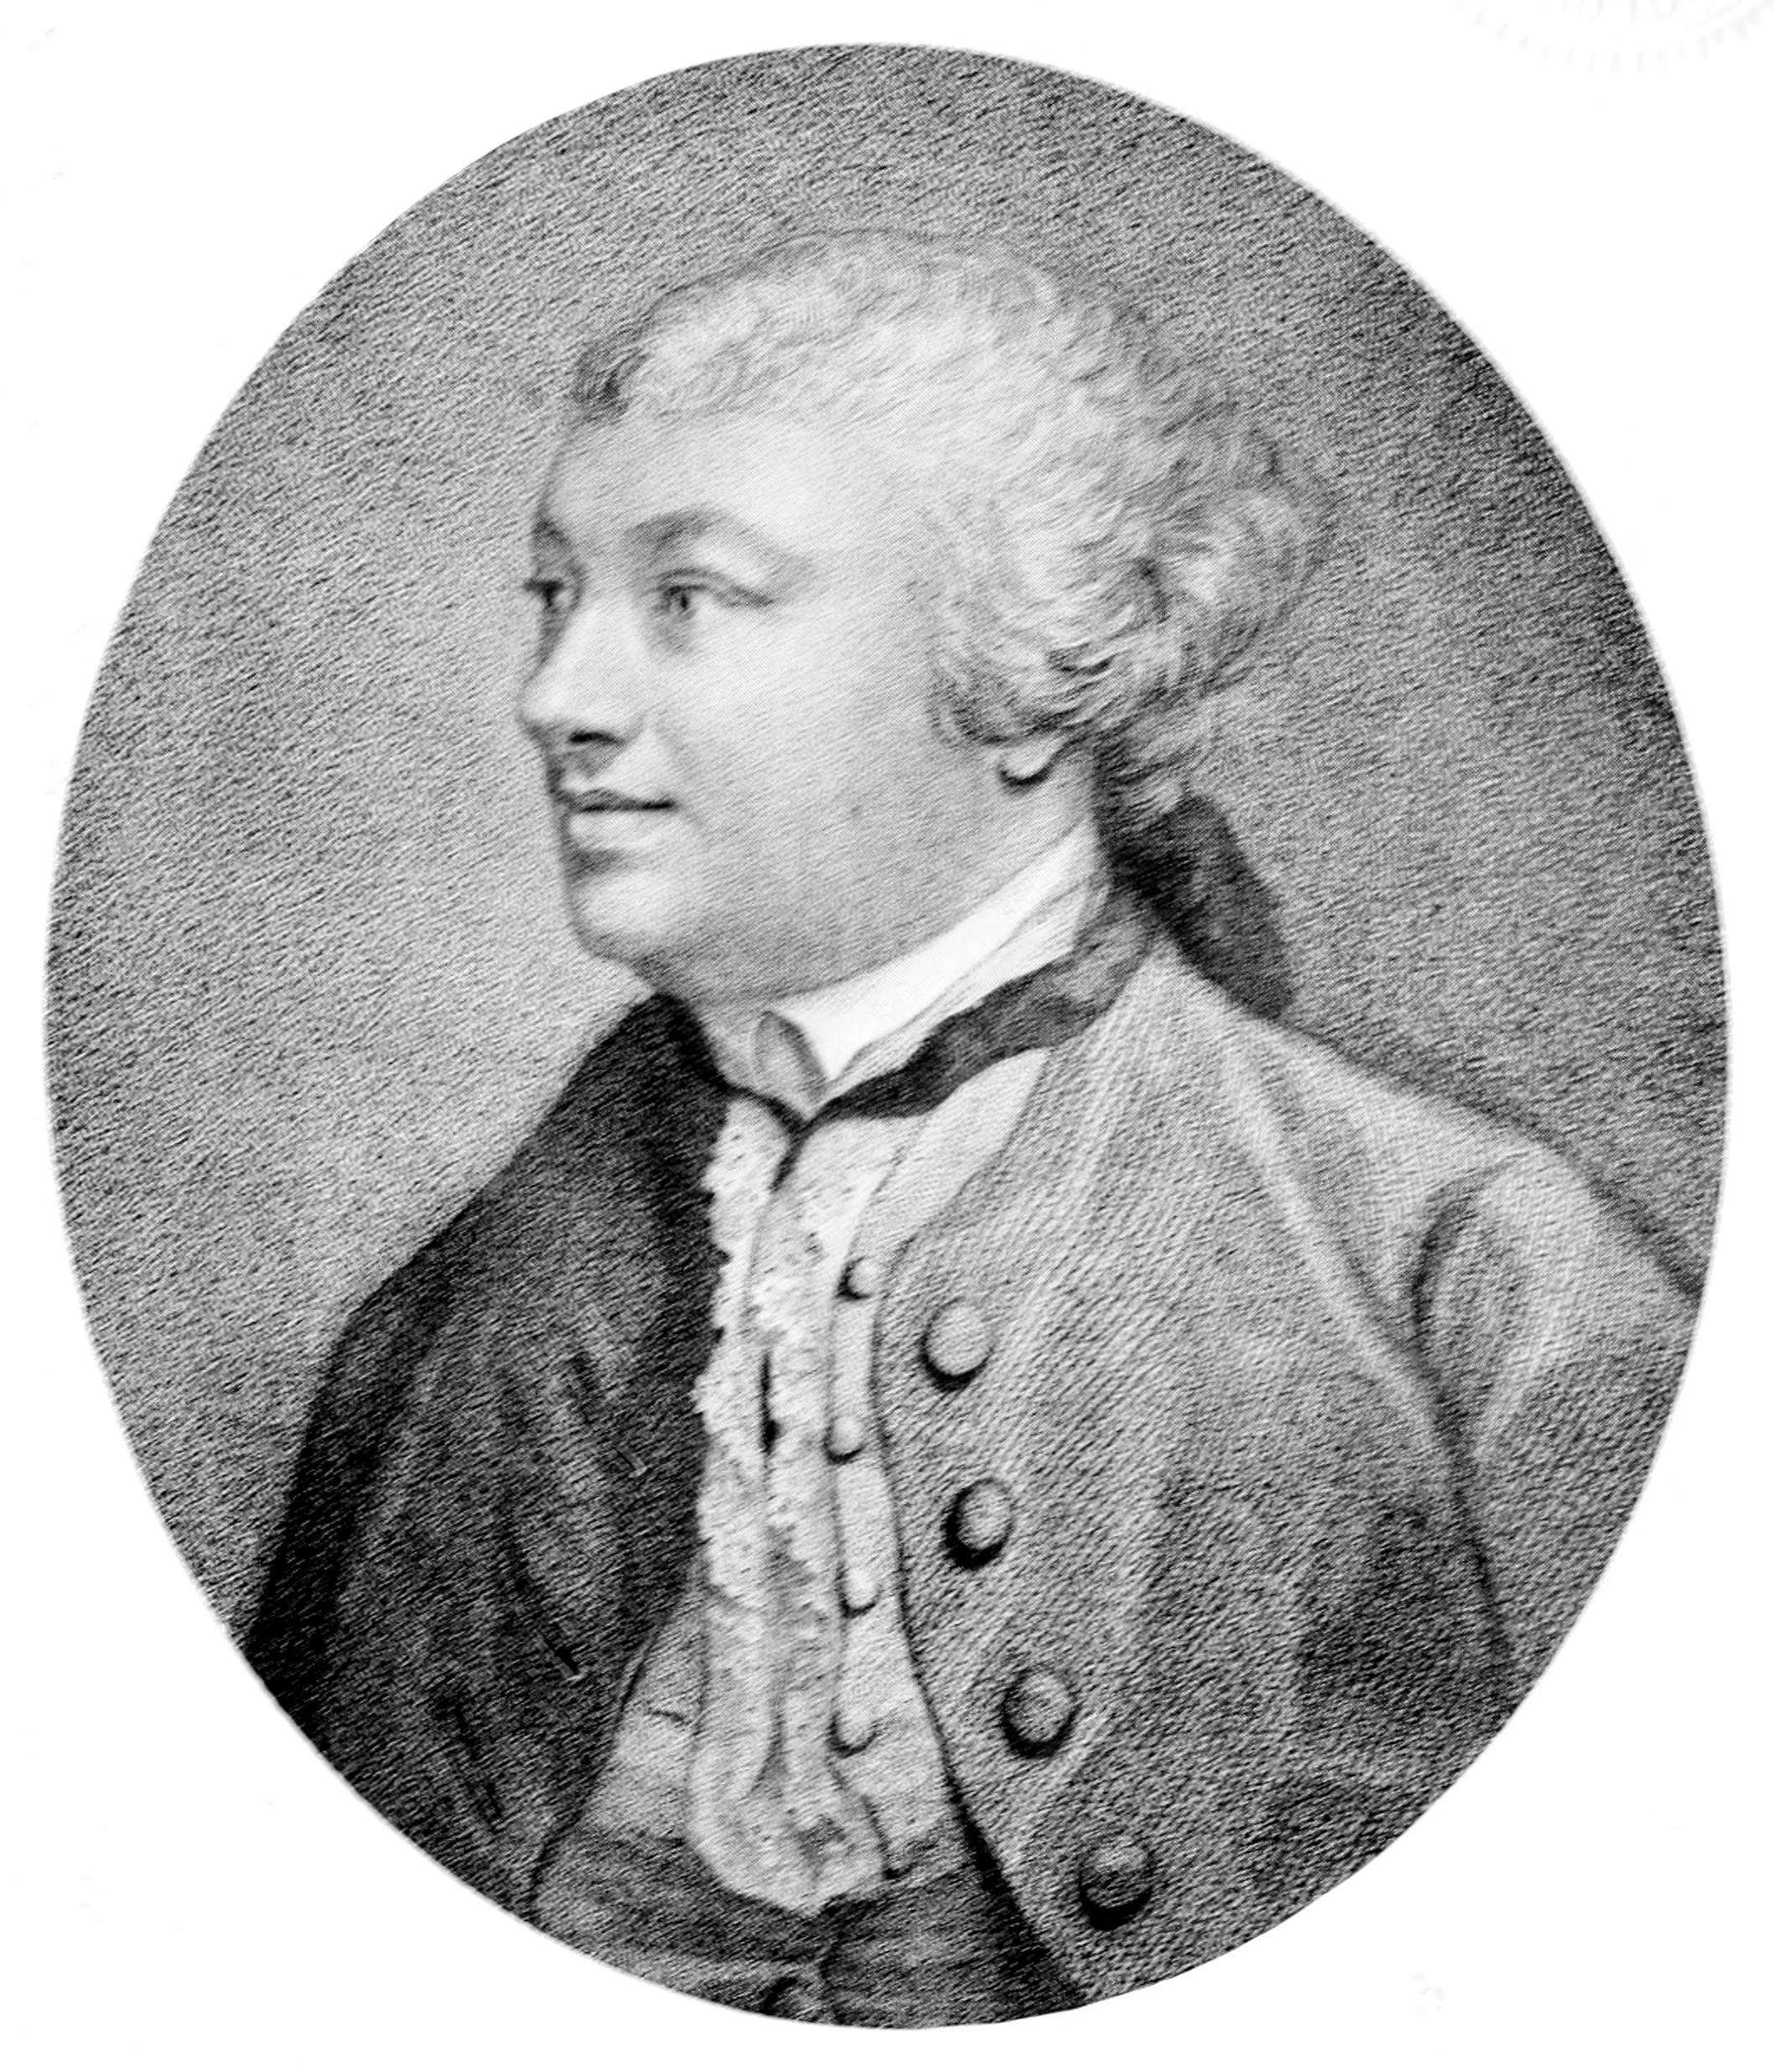 John Hill não sabia uma palavra do holandês mas isso não o impediu de traduzir a obra de um naturalista da Holanda